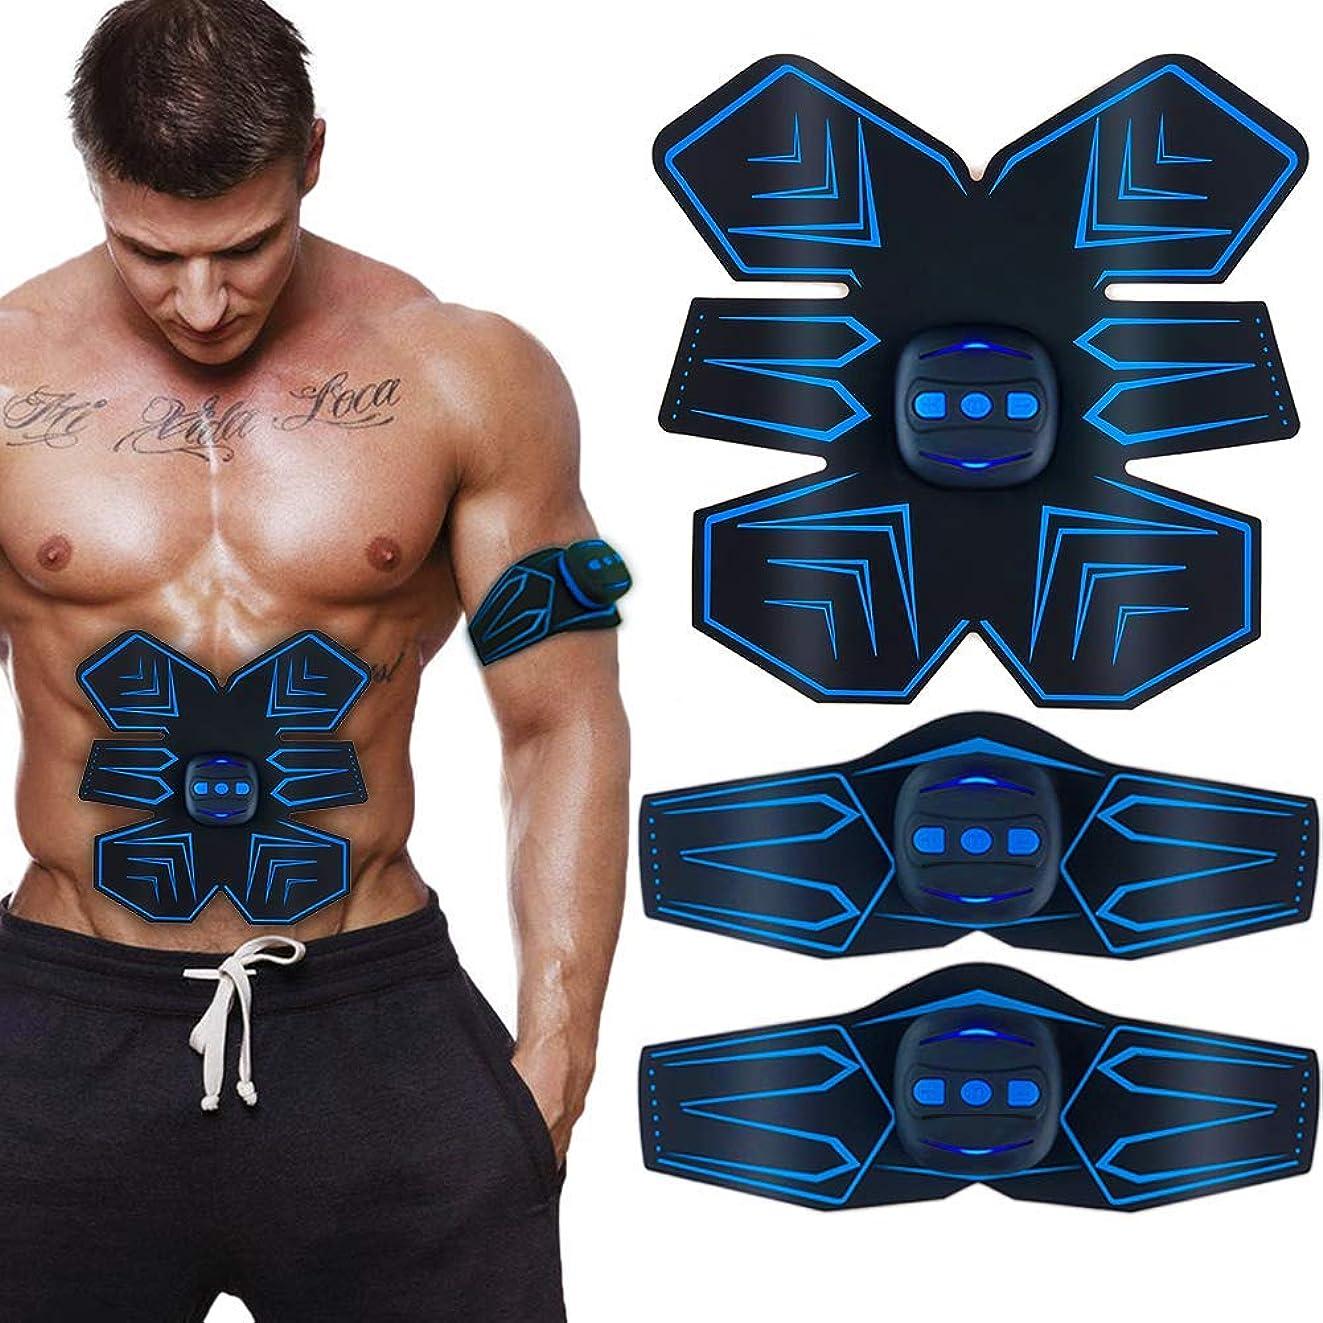 足枷マークカーフEcivan EMS 腹筋ベルト 筋トレ器具 USB充電式 青ライト光る 腹筋 腕筋 男女兼用「モード6つ 15段階強さ調節可能 取扱説明書付属」